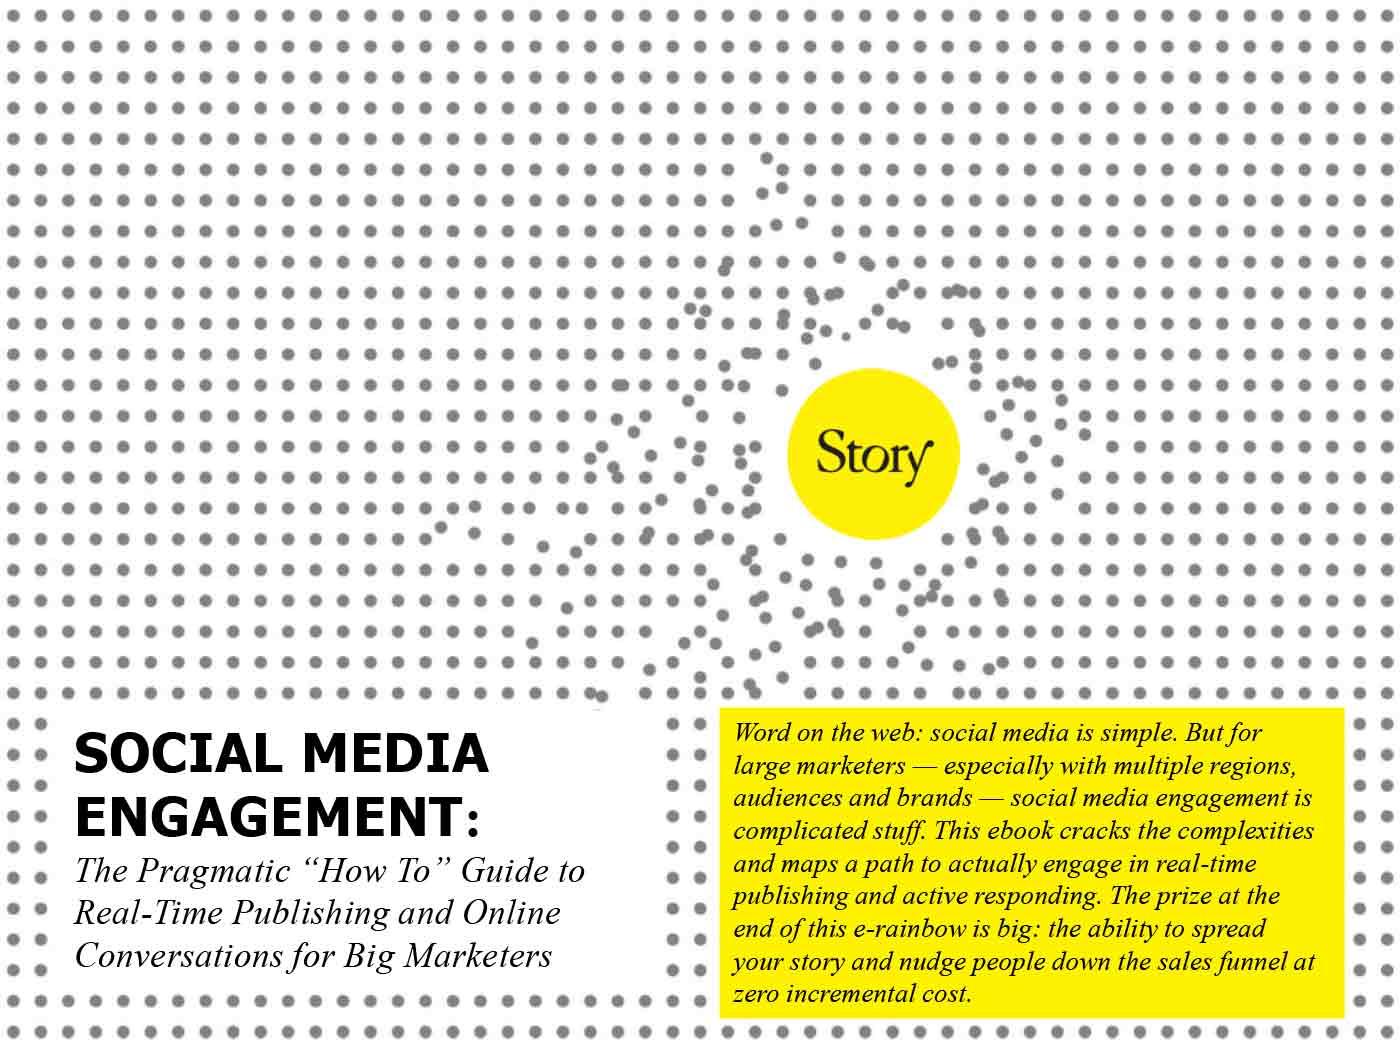 story-socialmedia-ebook2-1